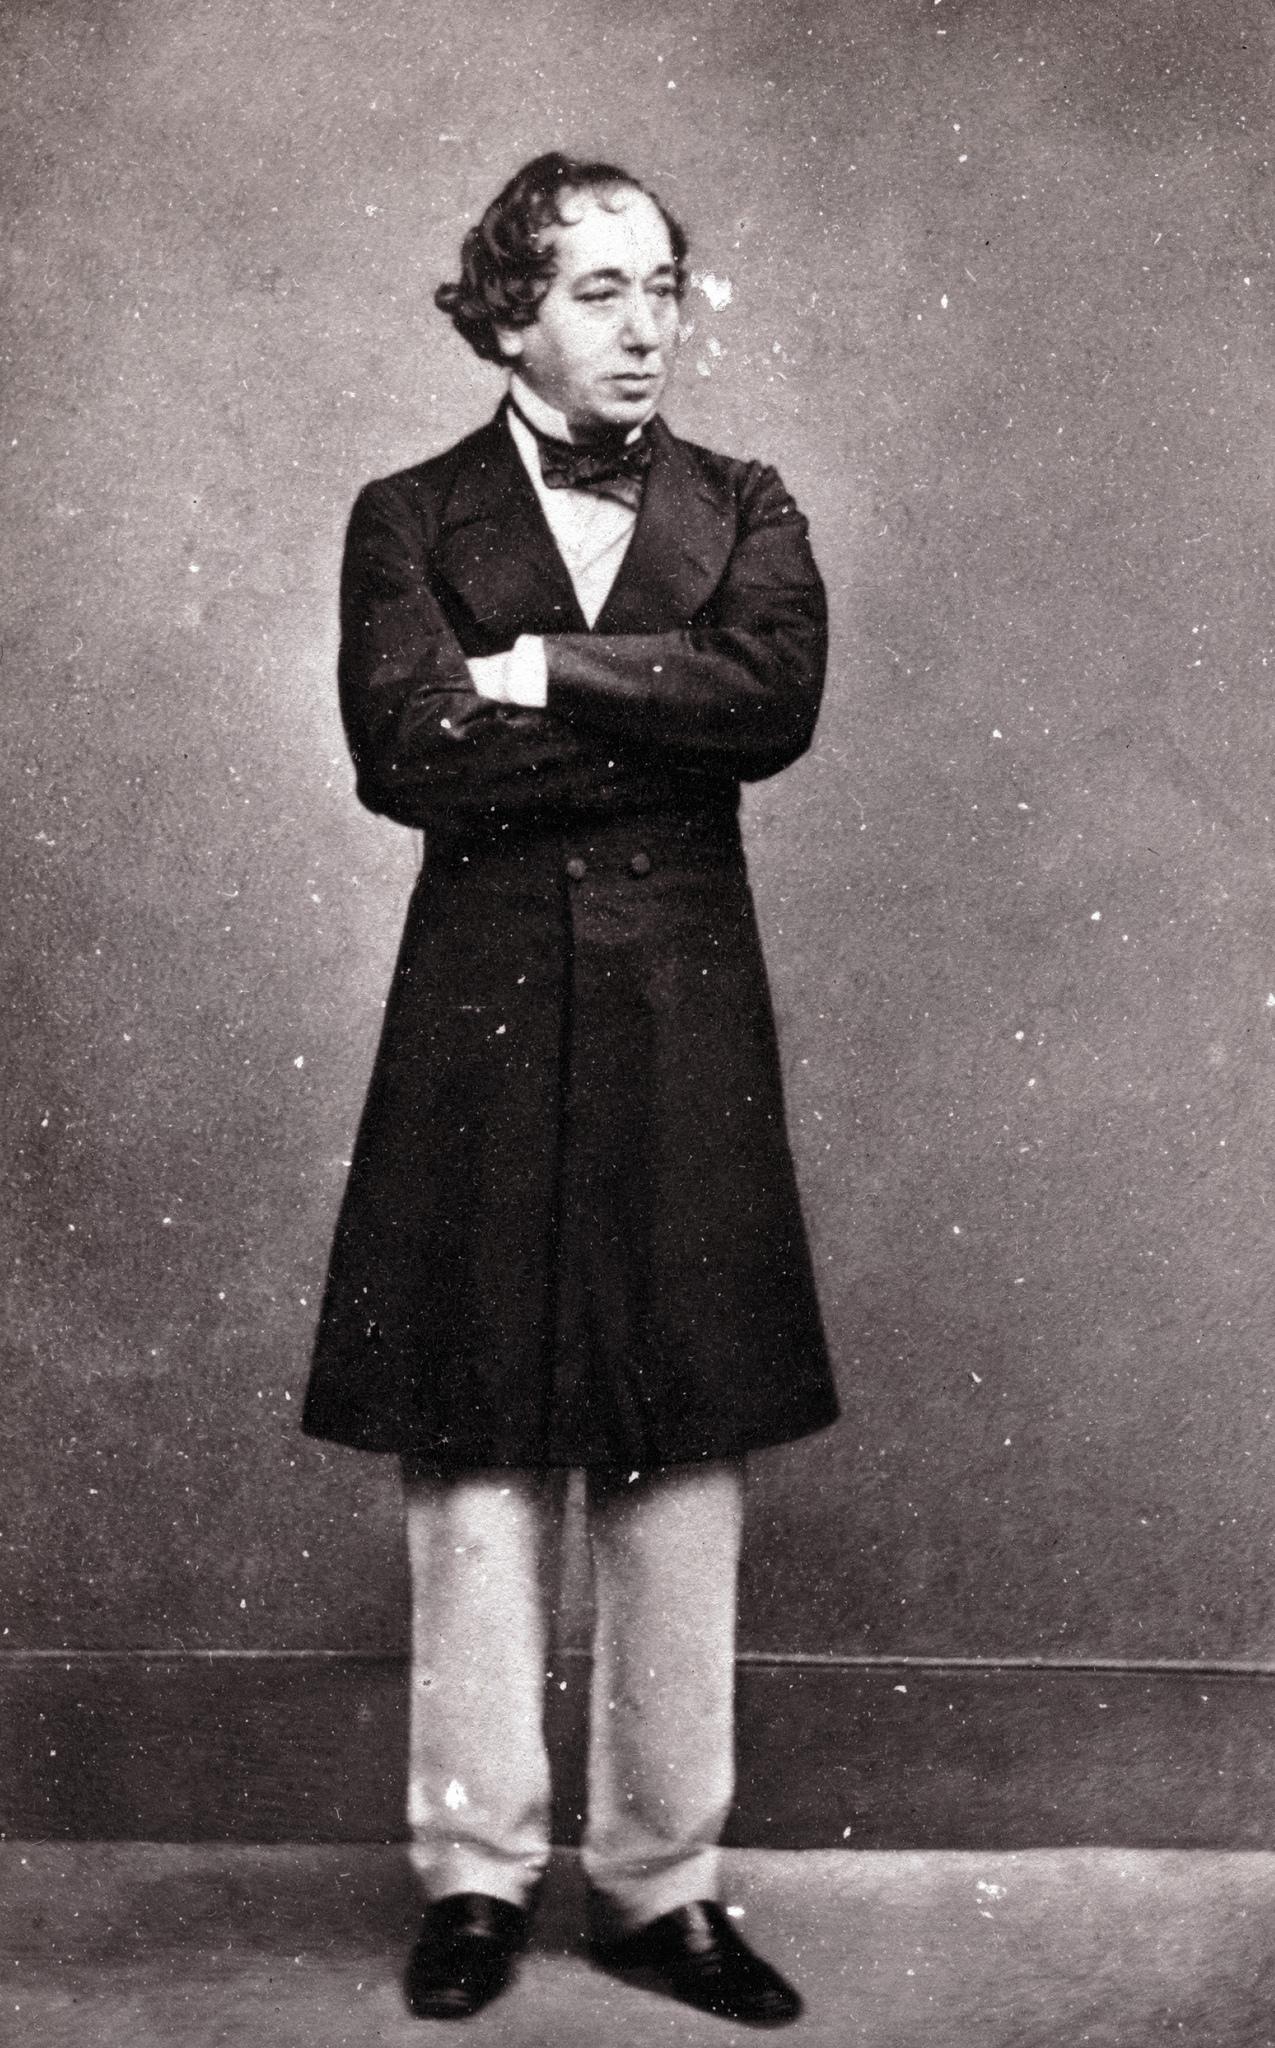 1860. Бенджамин Дизраэли (с 1876 года граф Би́консфилд 21 декабря 1804, Лондон — 19 апреля 1881, там же) — английский государственный деятель Консервативной партии Великобритании, 40-й и 42-й премьер-министр Великобритании в 1868, и с 1874 по 1880